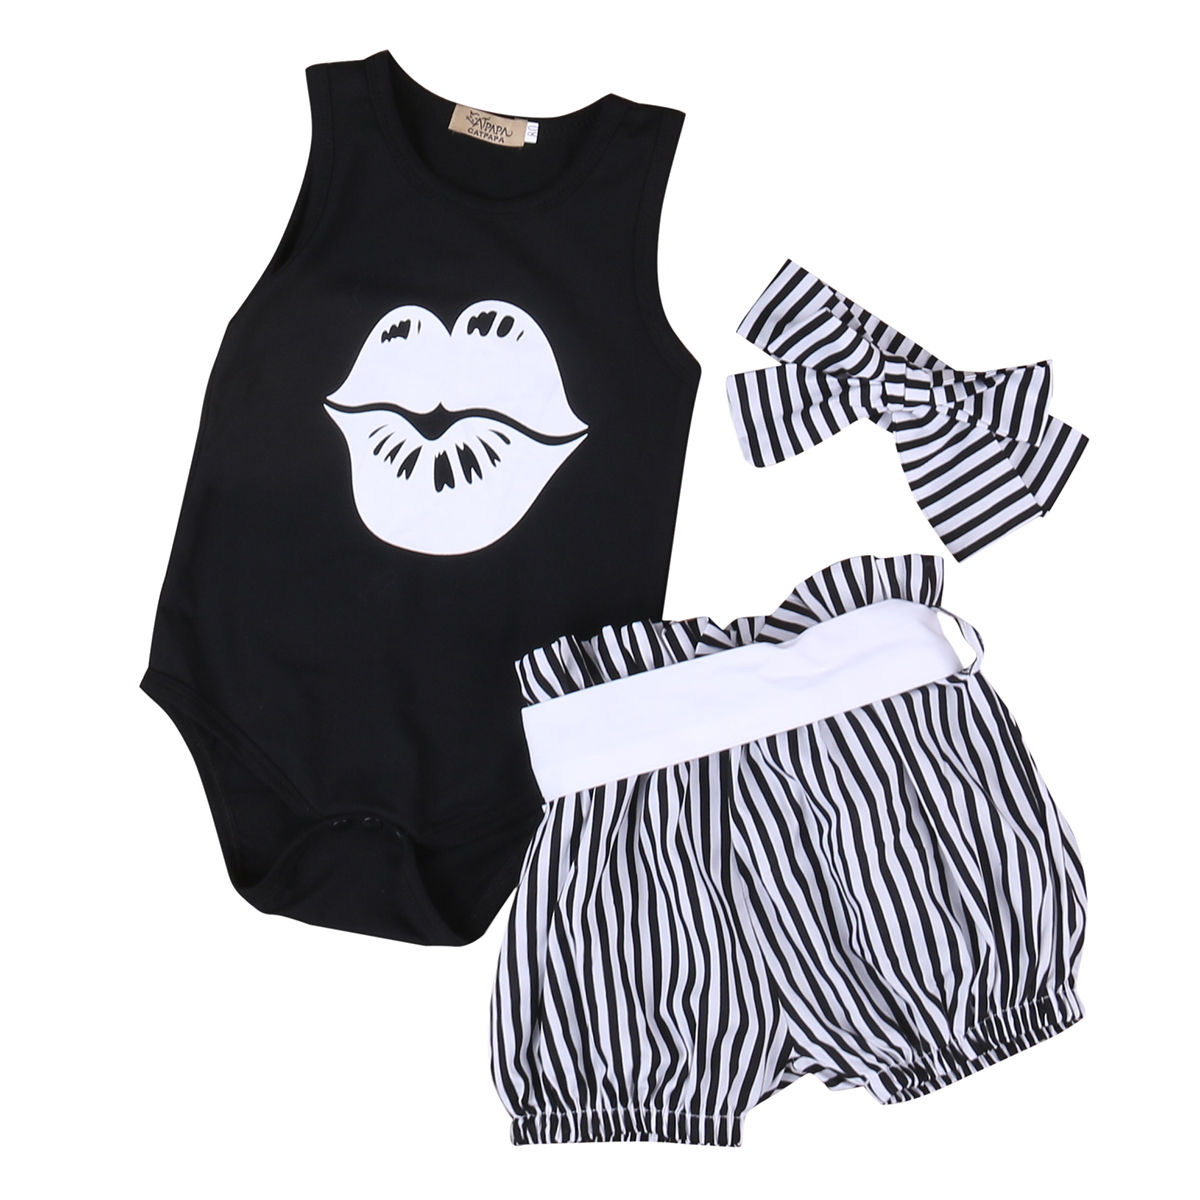 किड्स बेबी गर्ल हेडबैंड टी-शर्ट शॉर्ट्स बॉटम क्लोदिंग सेट 3 पीएसडी टॉडलर इनफैंट गर्ल्स कपडे सेट रोमपर आउटफिट्स